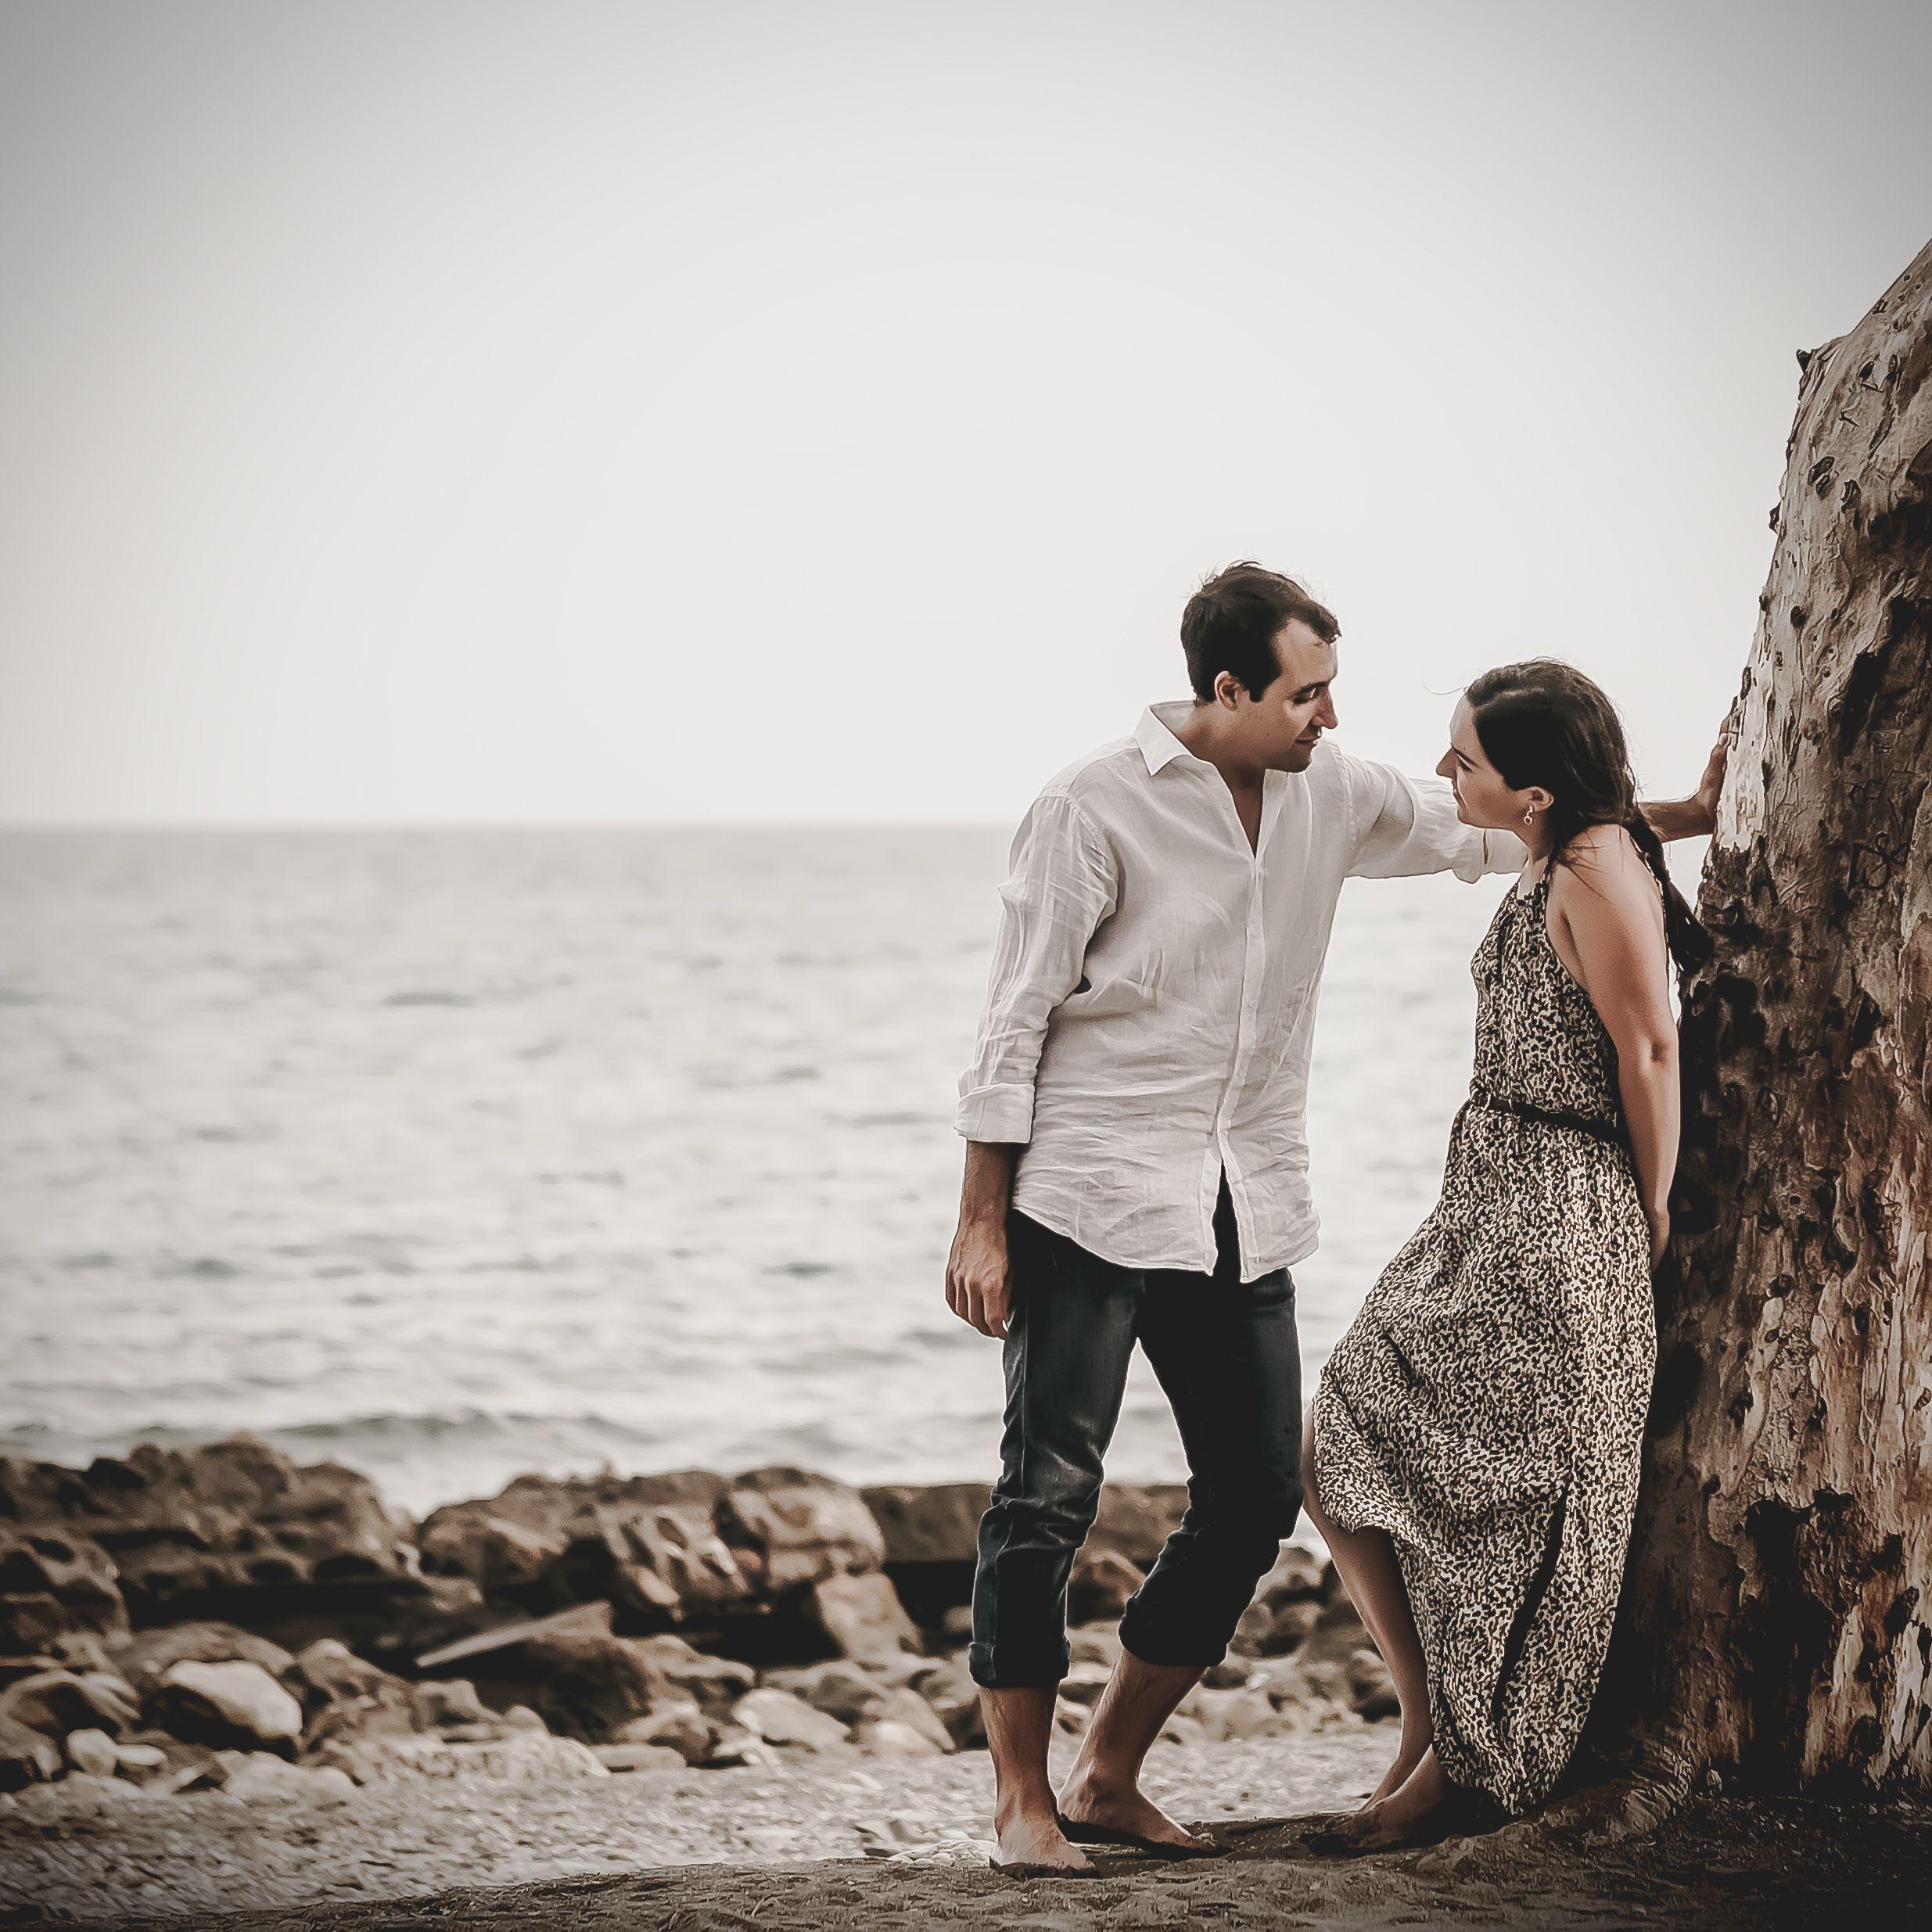 reportaje de pre boda. Fotógrafo de Boda en Cádiz, Comunión y Eventos. Tu fotografía de boda. El mejor Fotógrafo para boda. Juan Luna Fotógrafo. Cadiz, Andalucía y España.